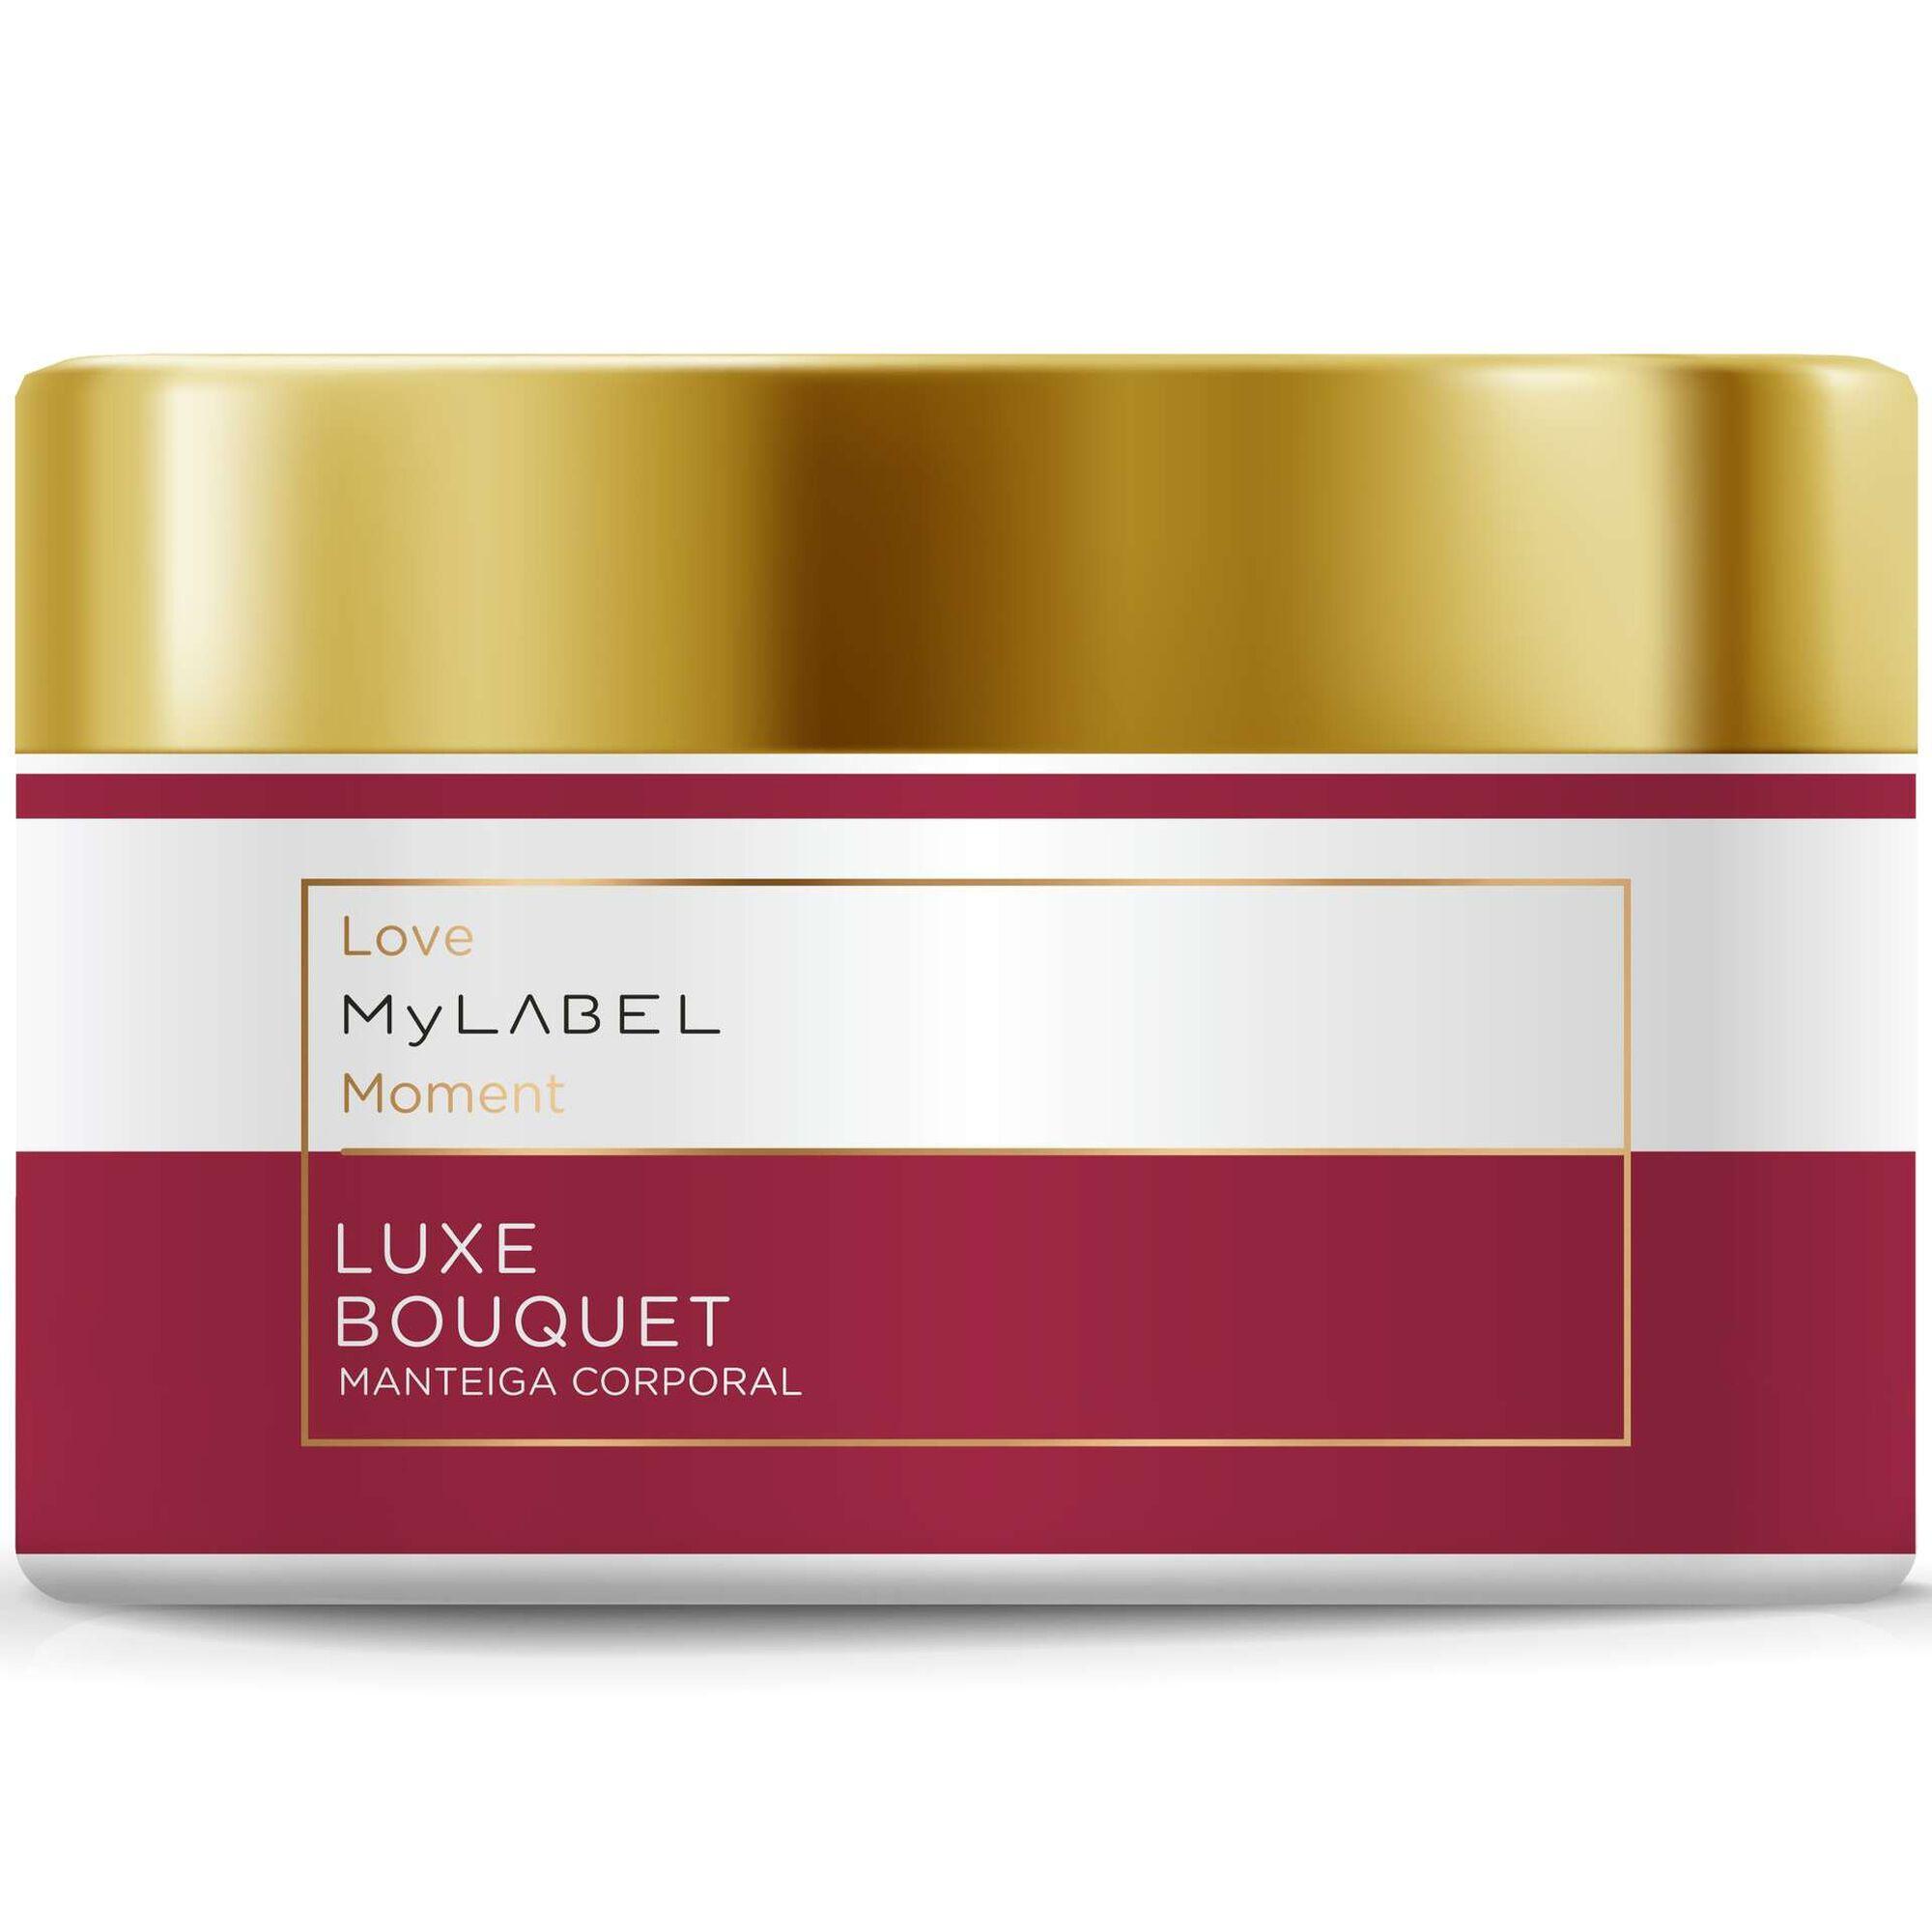 Manteiga Corporal Luxe Bouquet